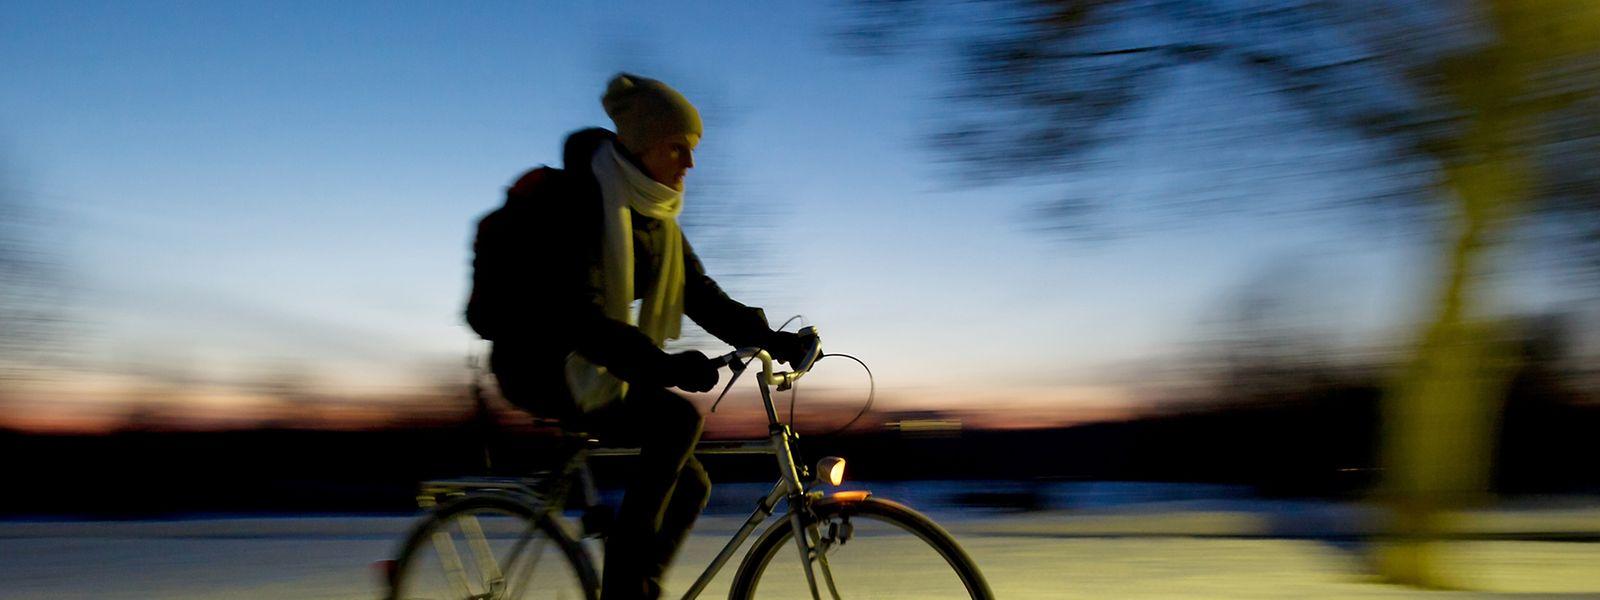 Im Winter sind die Wege oft rutschiger. Wer sein Fahrrad nutzt, kann ein wenig Luft aus den Reifen ablassen - so greifen sie besser.